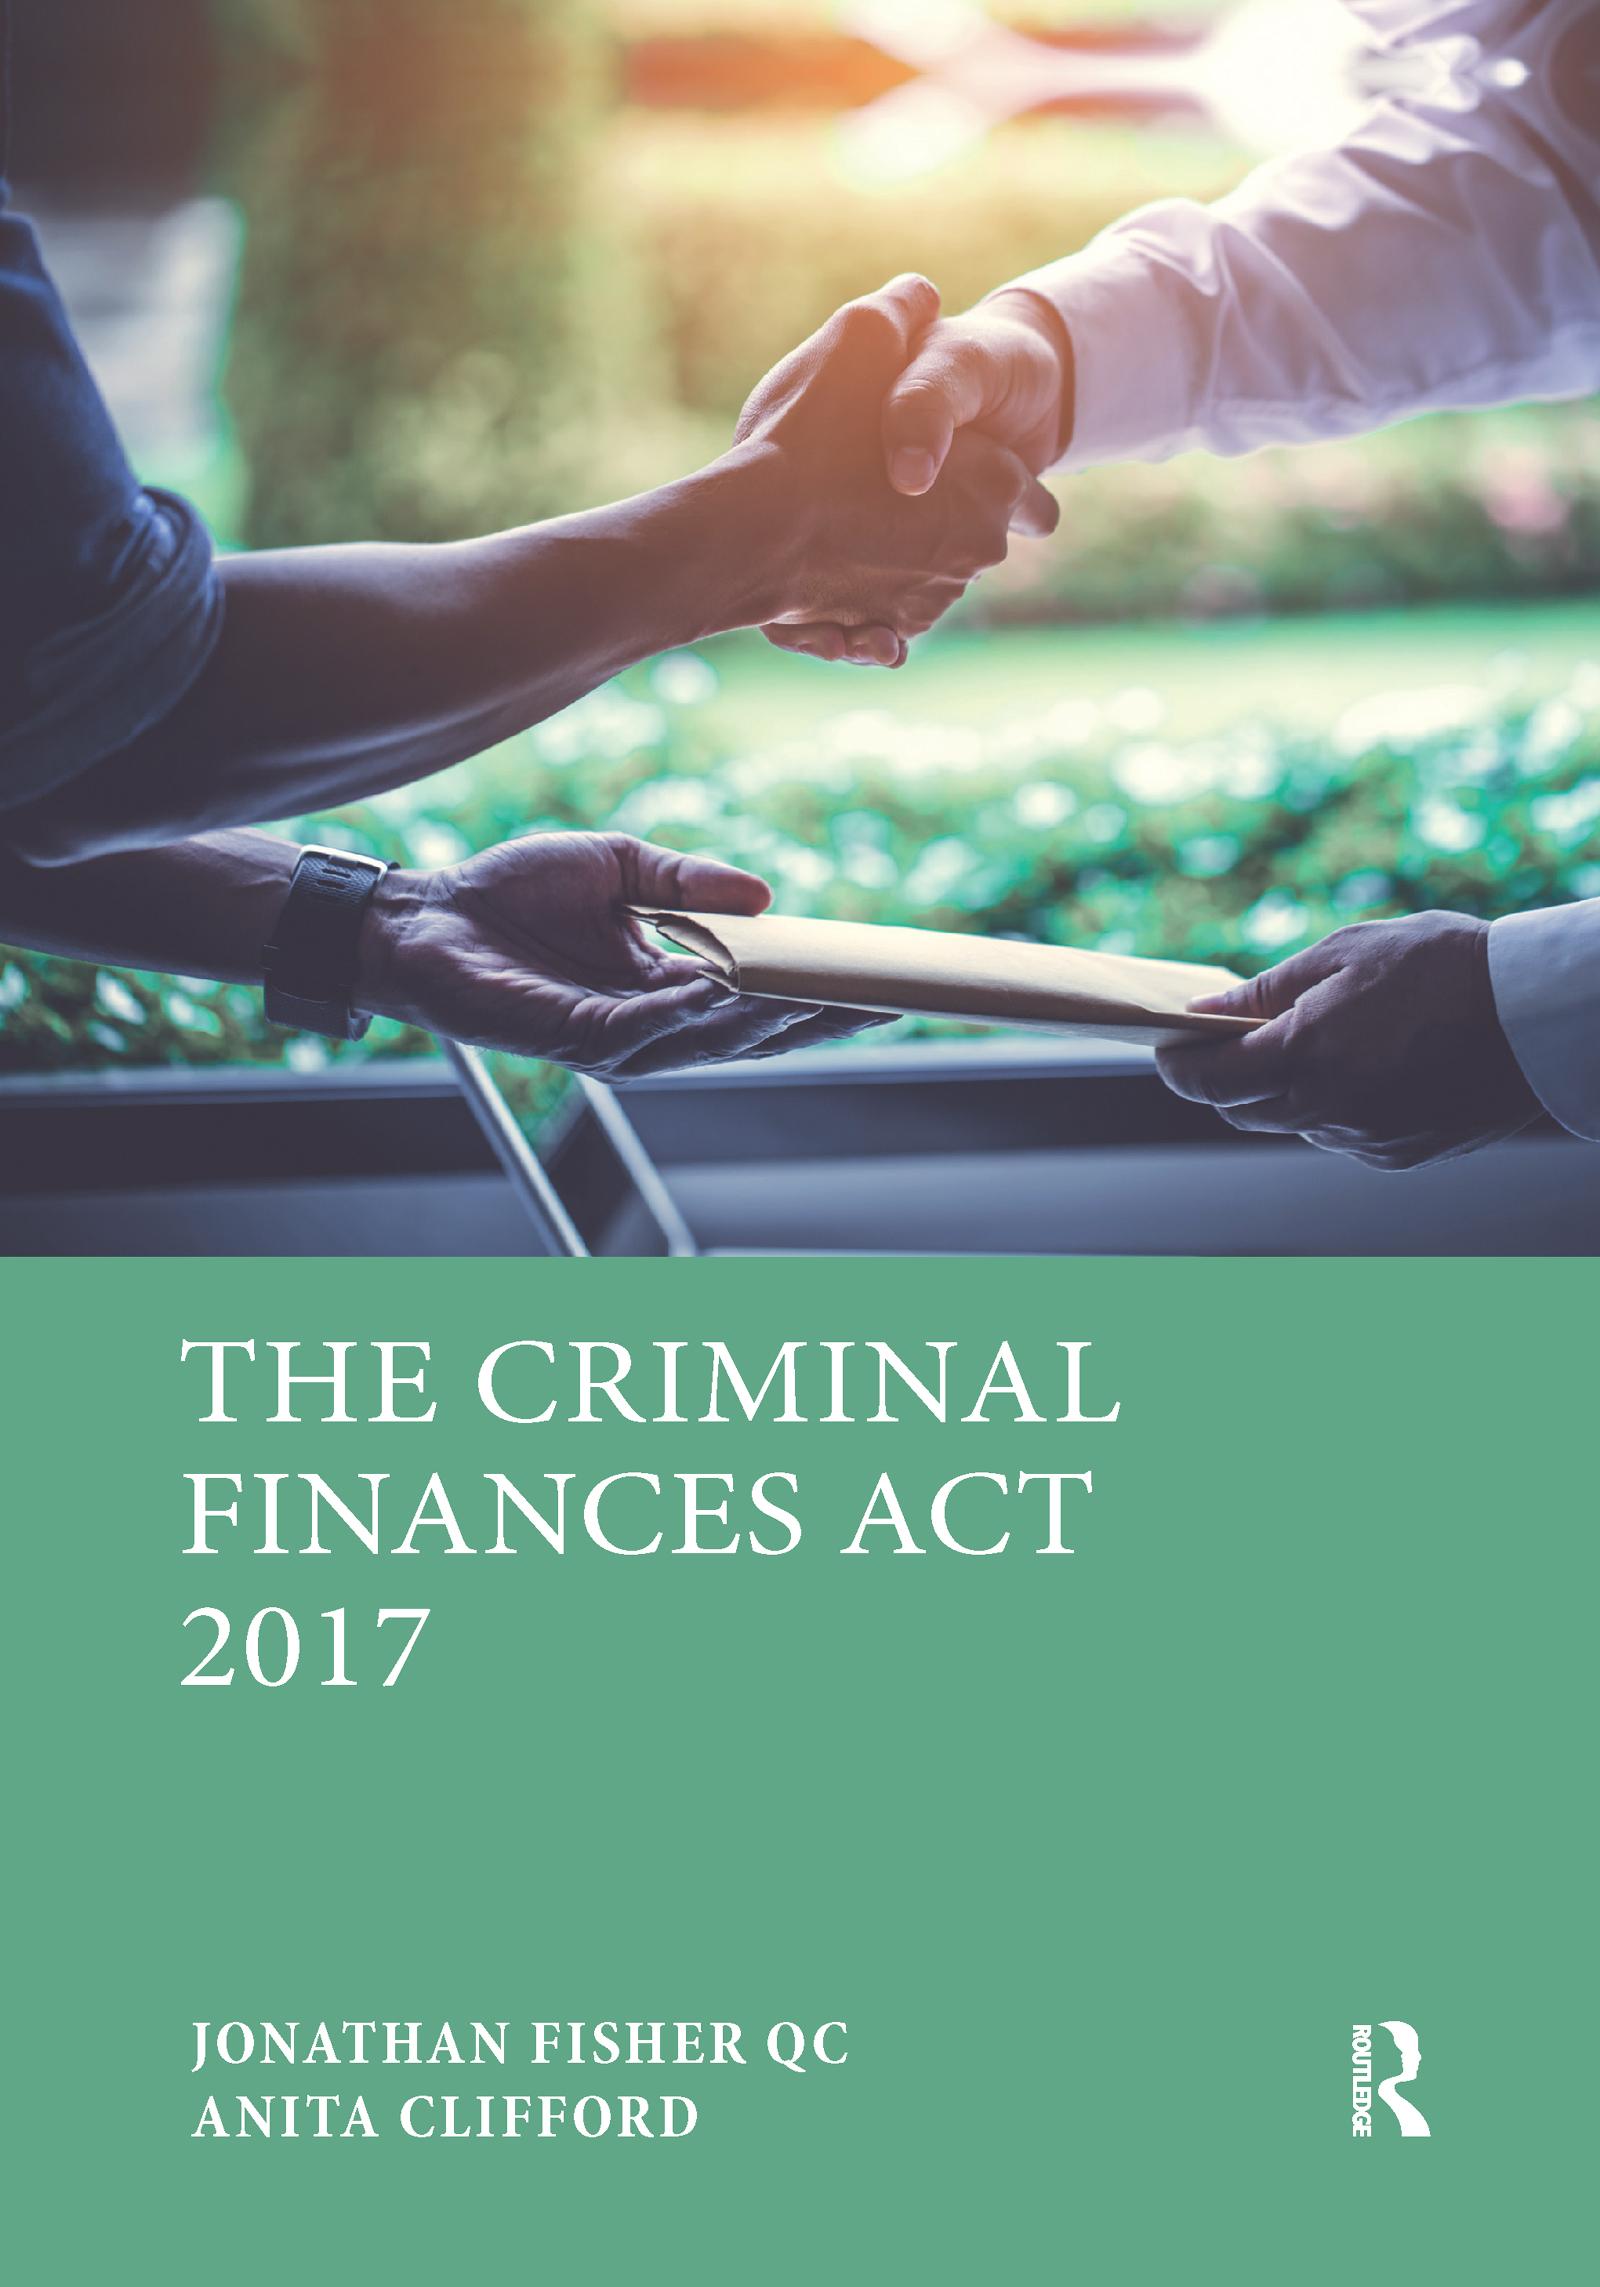 The Criminal Finances Act 2017